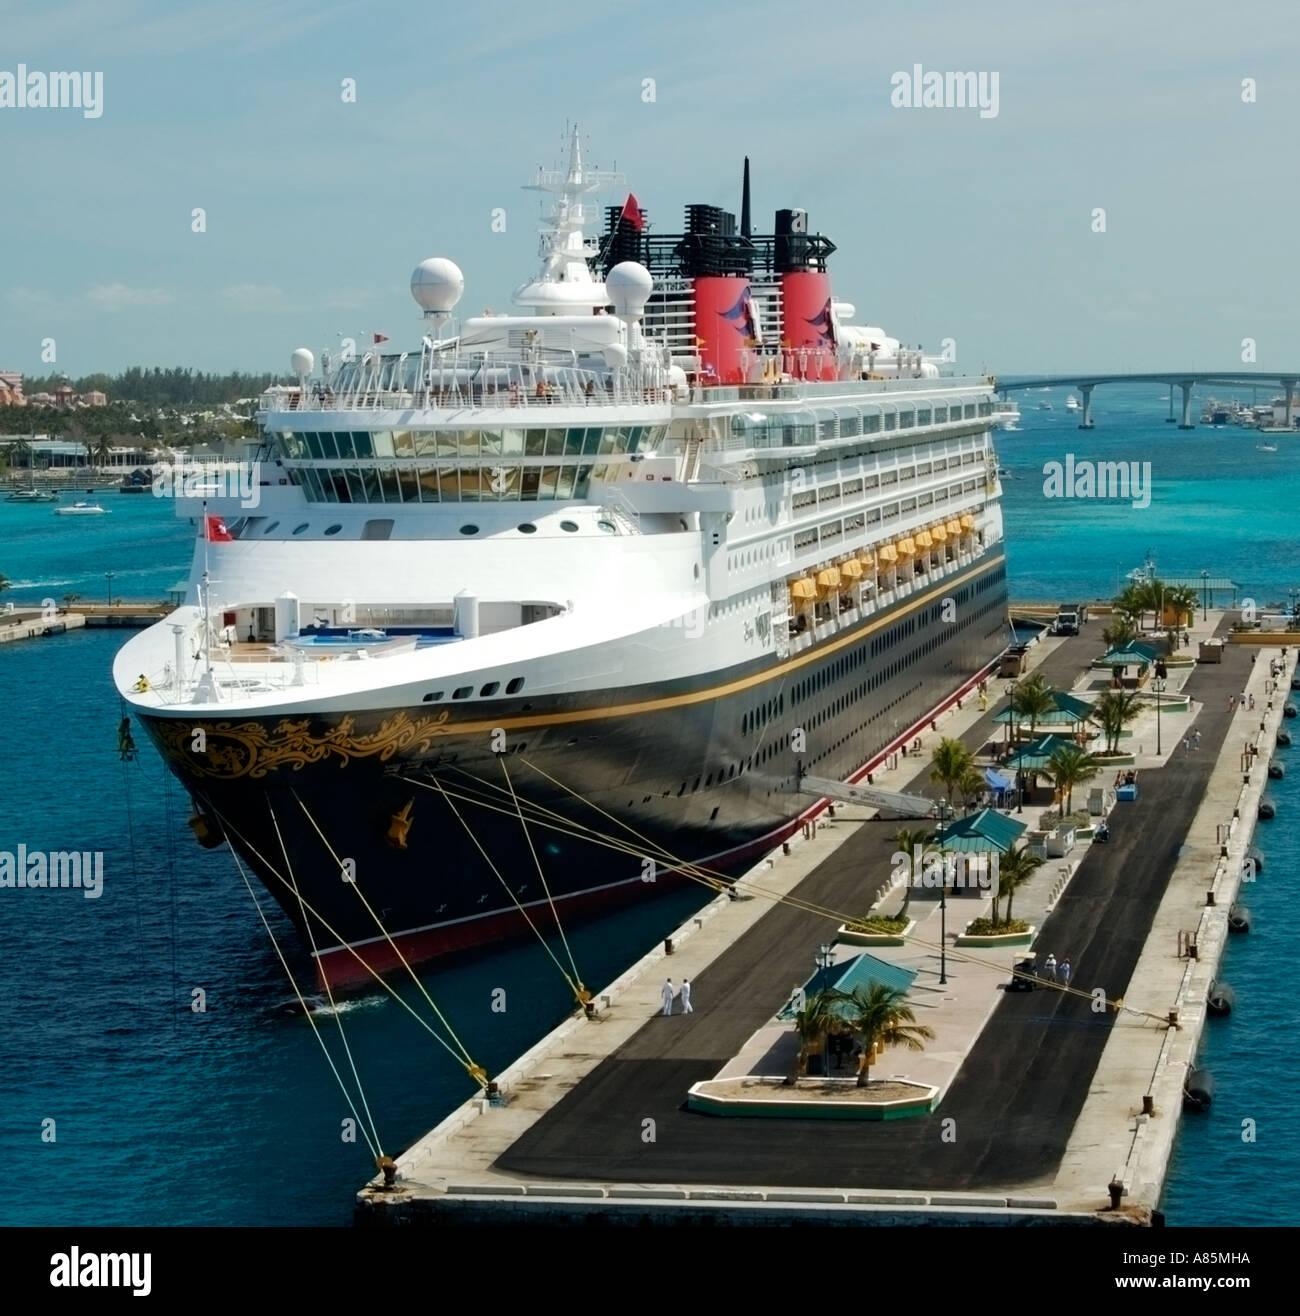 Cruise Ship At Port Nassau Bahamas Stock Photo Royalty Free Image - Cruise ships to the bahamas